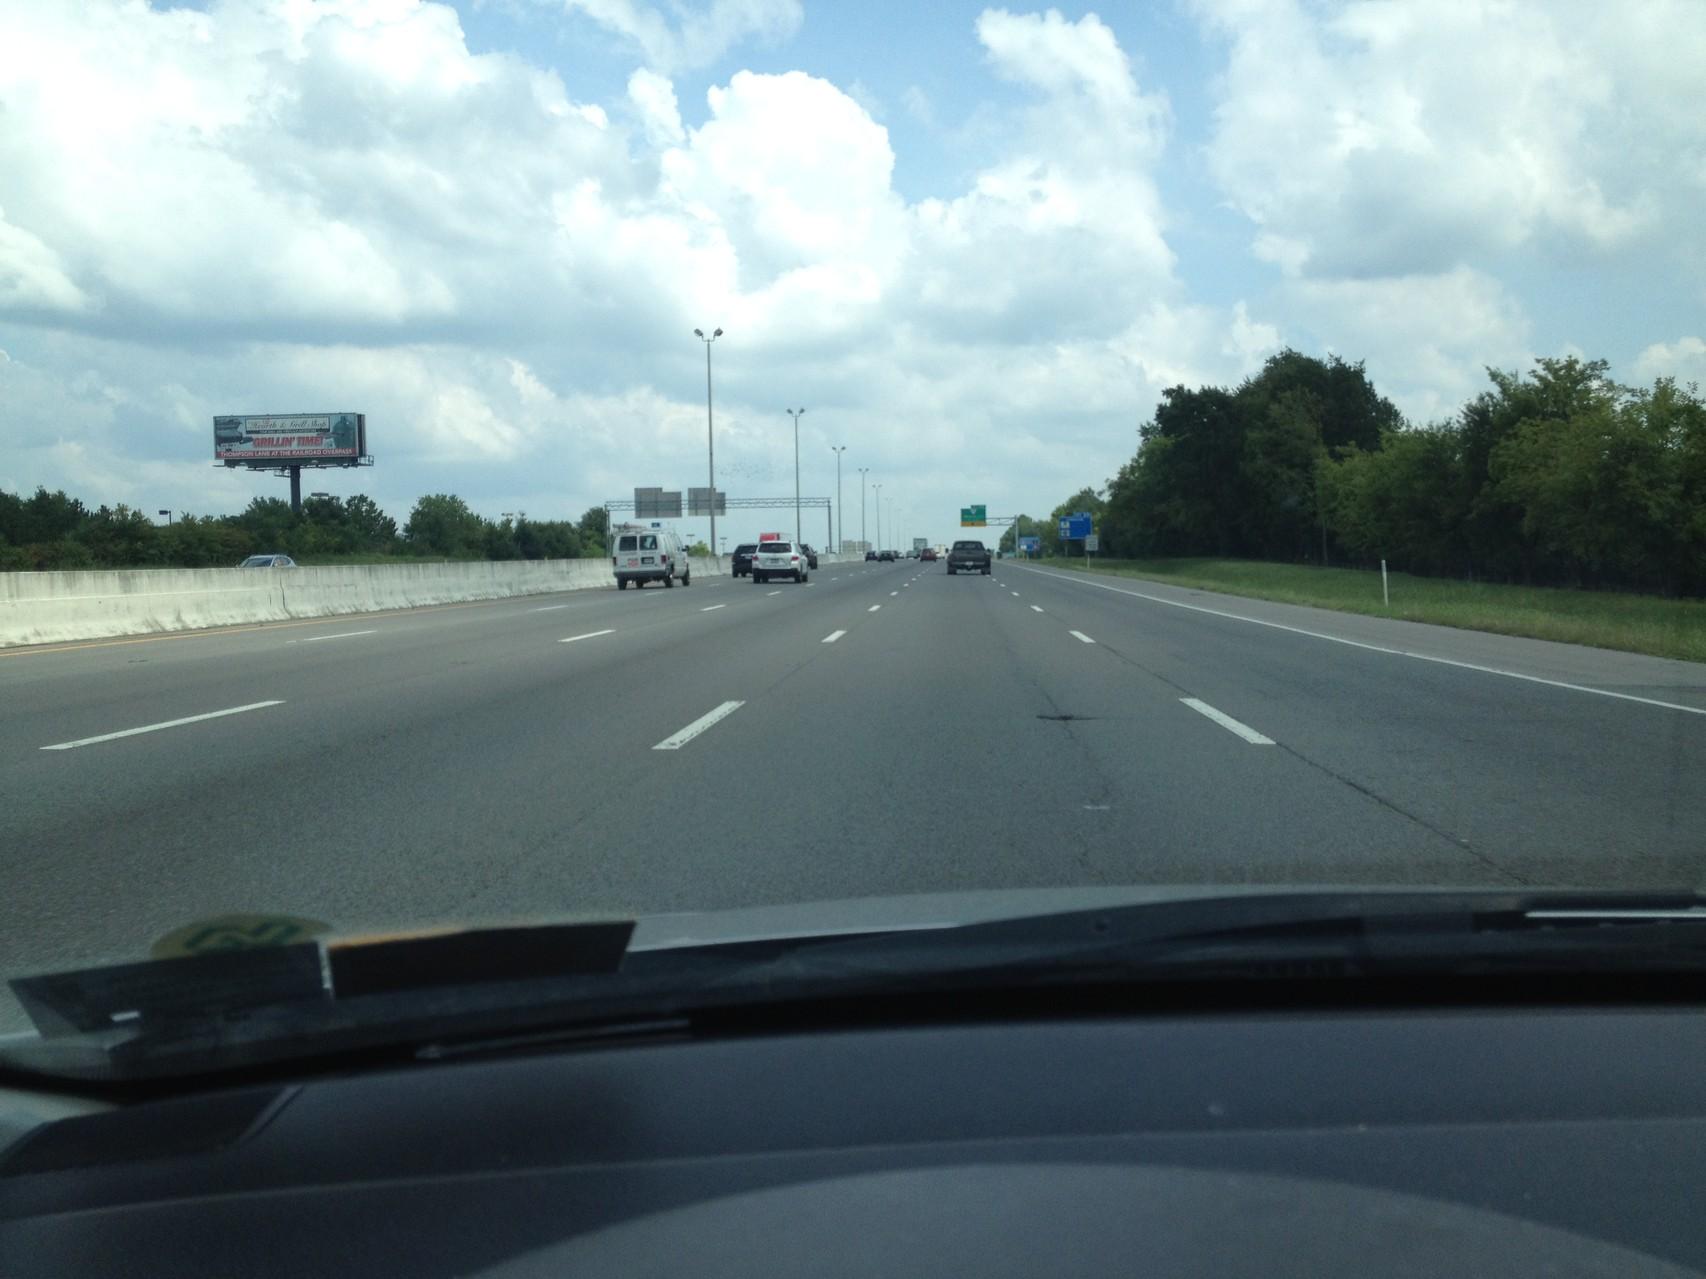 auf dem Highway unterwegs - hier gerade fünfspurig